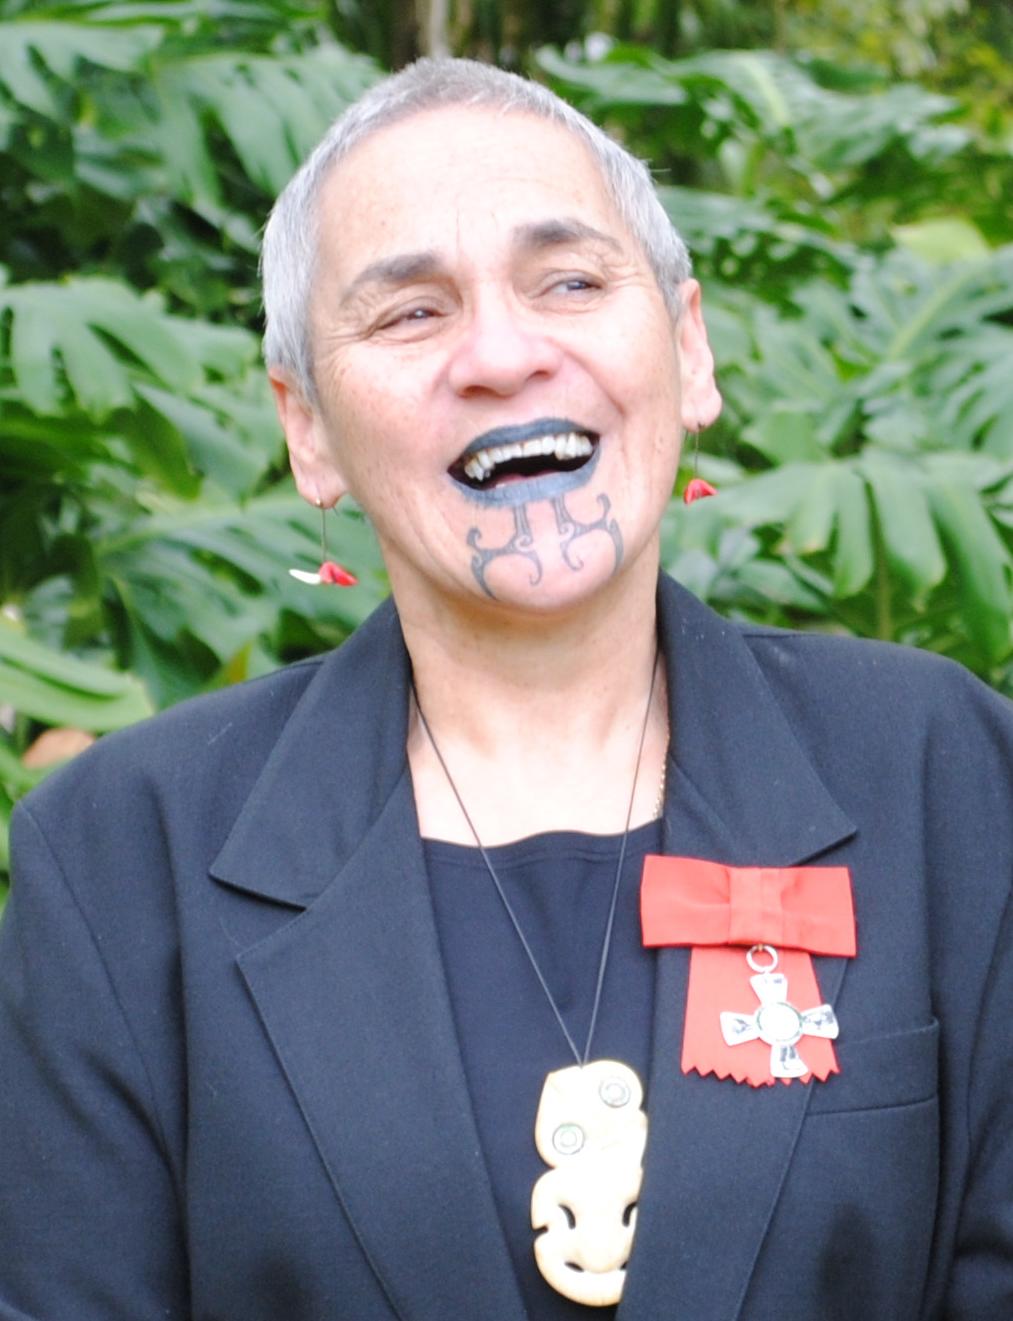 Ngahuia Te Awekotuku - Wikipedia